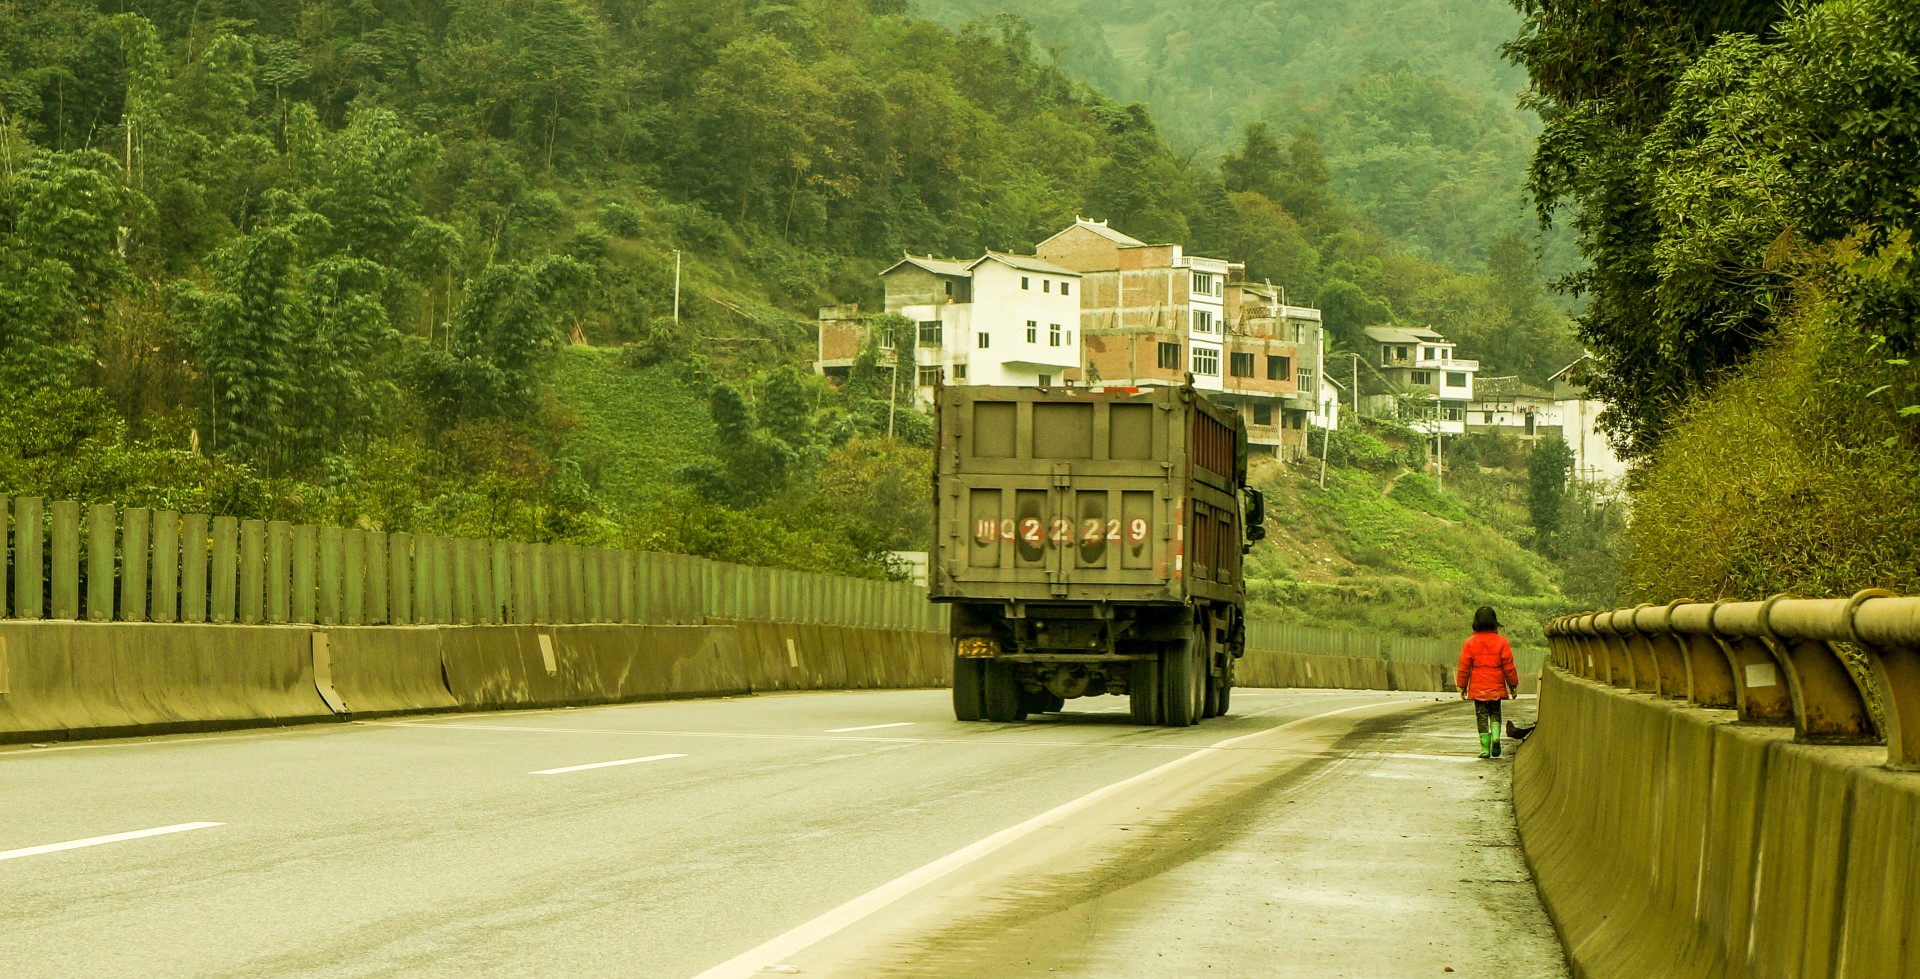 chiny-dzieciaki-poboczem-na-autostradzie